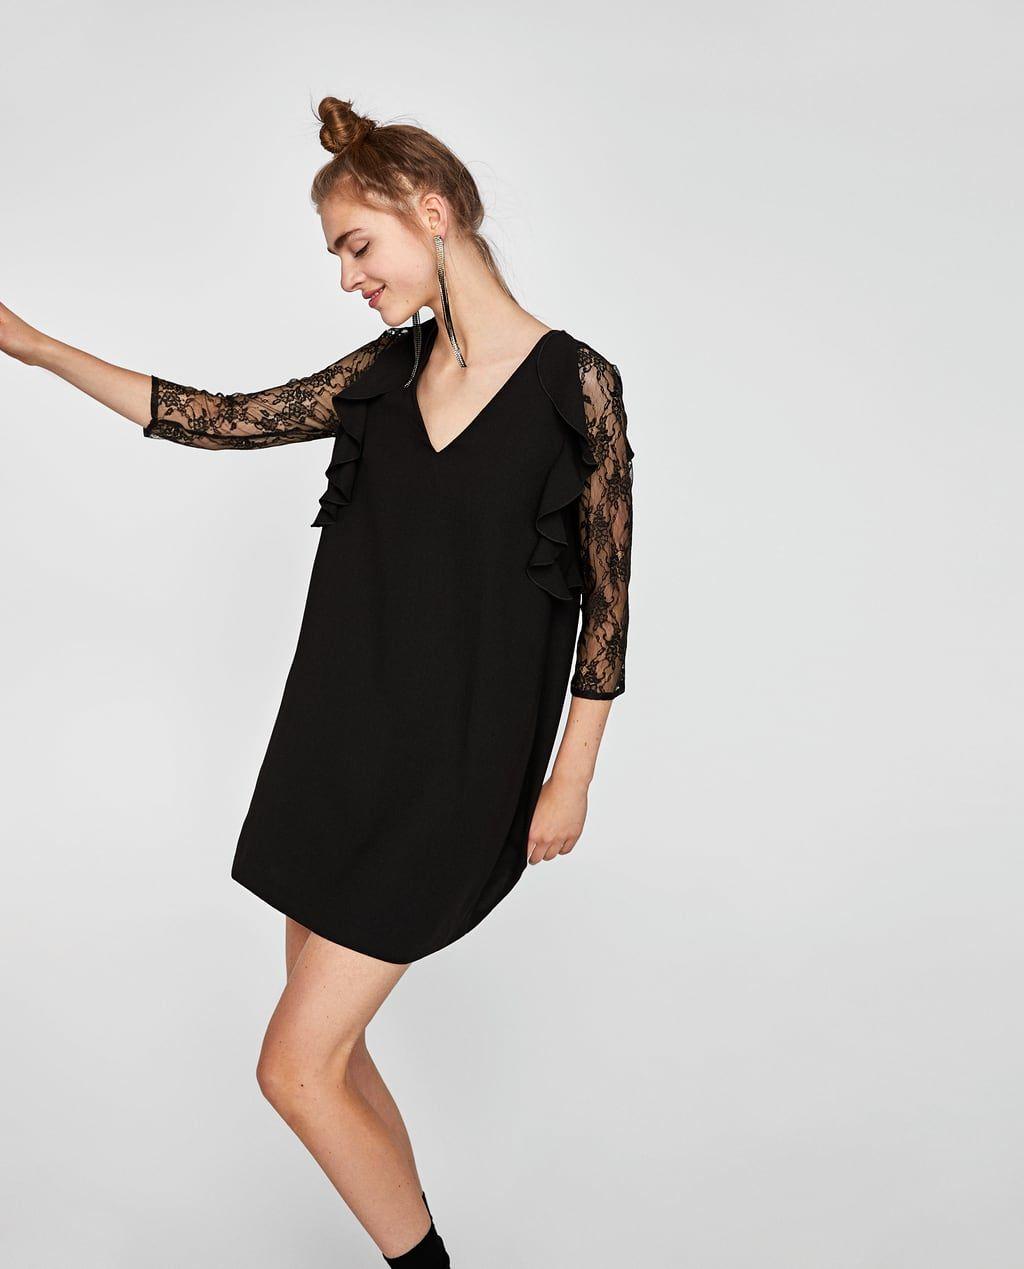 Robe Courtes Zara Femme Robes Assortie Dentelle En France rwfFqzr